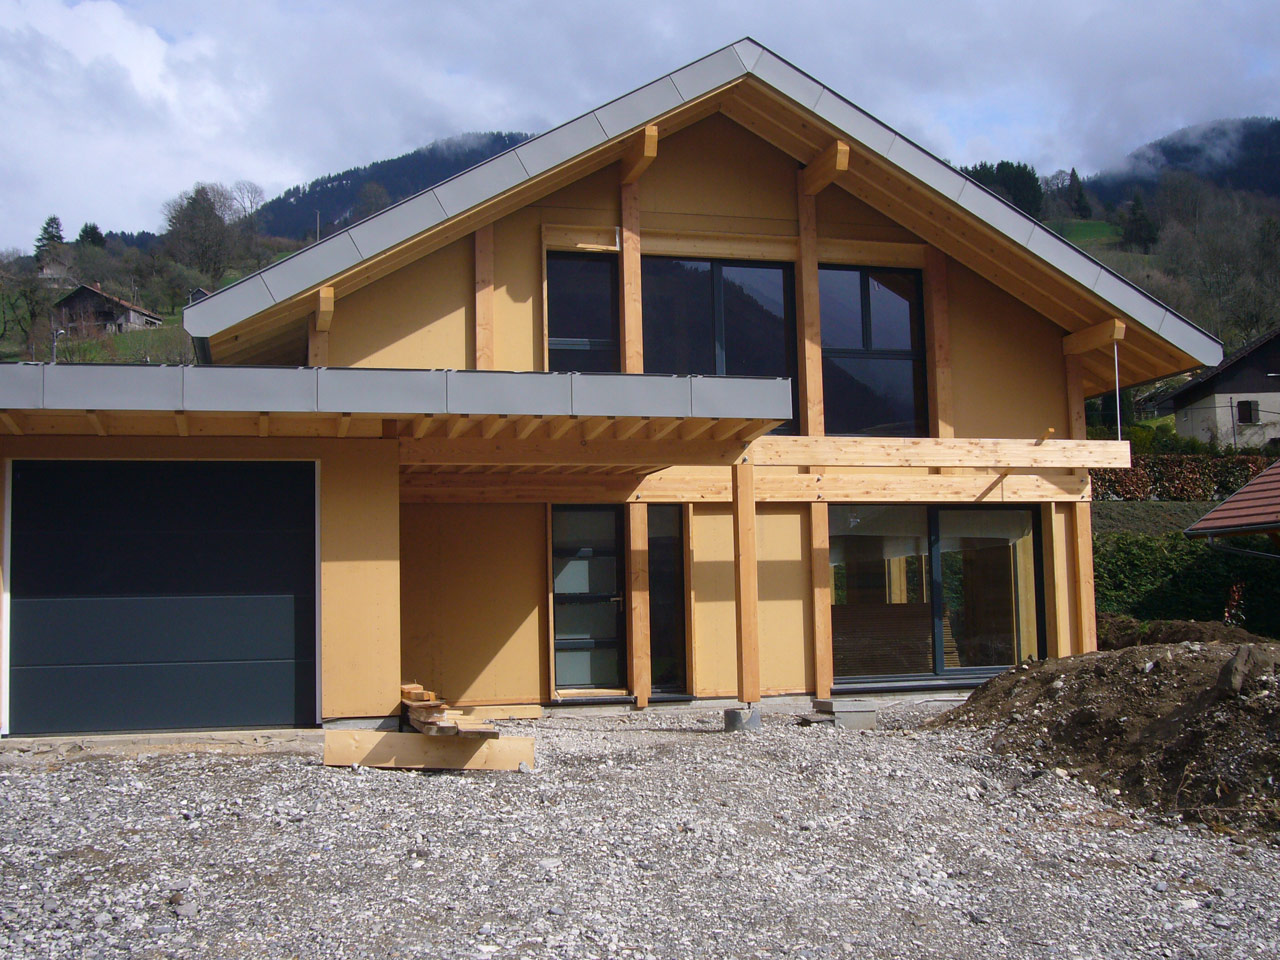 Tarif construction maison haute savoie ossature bois for Constructeur maison individuelle haute savoie